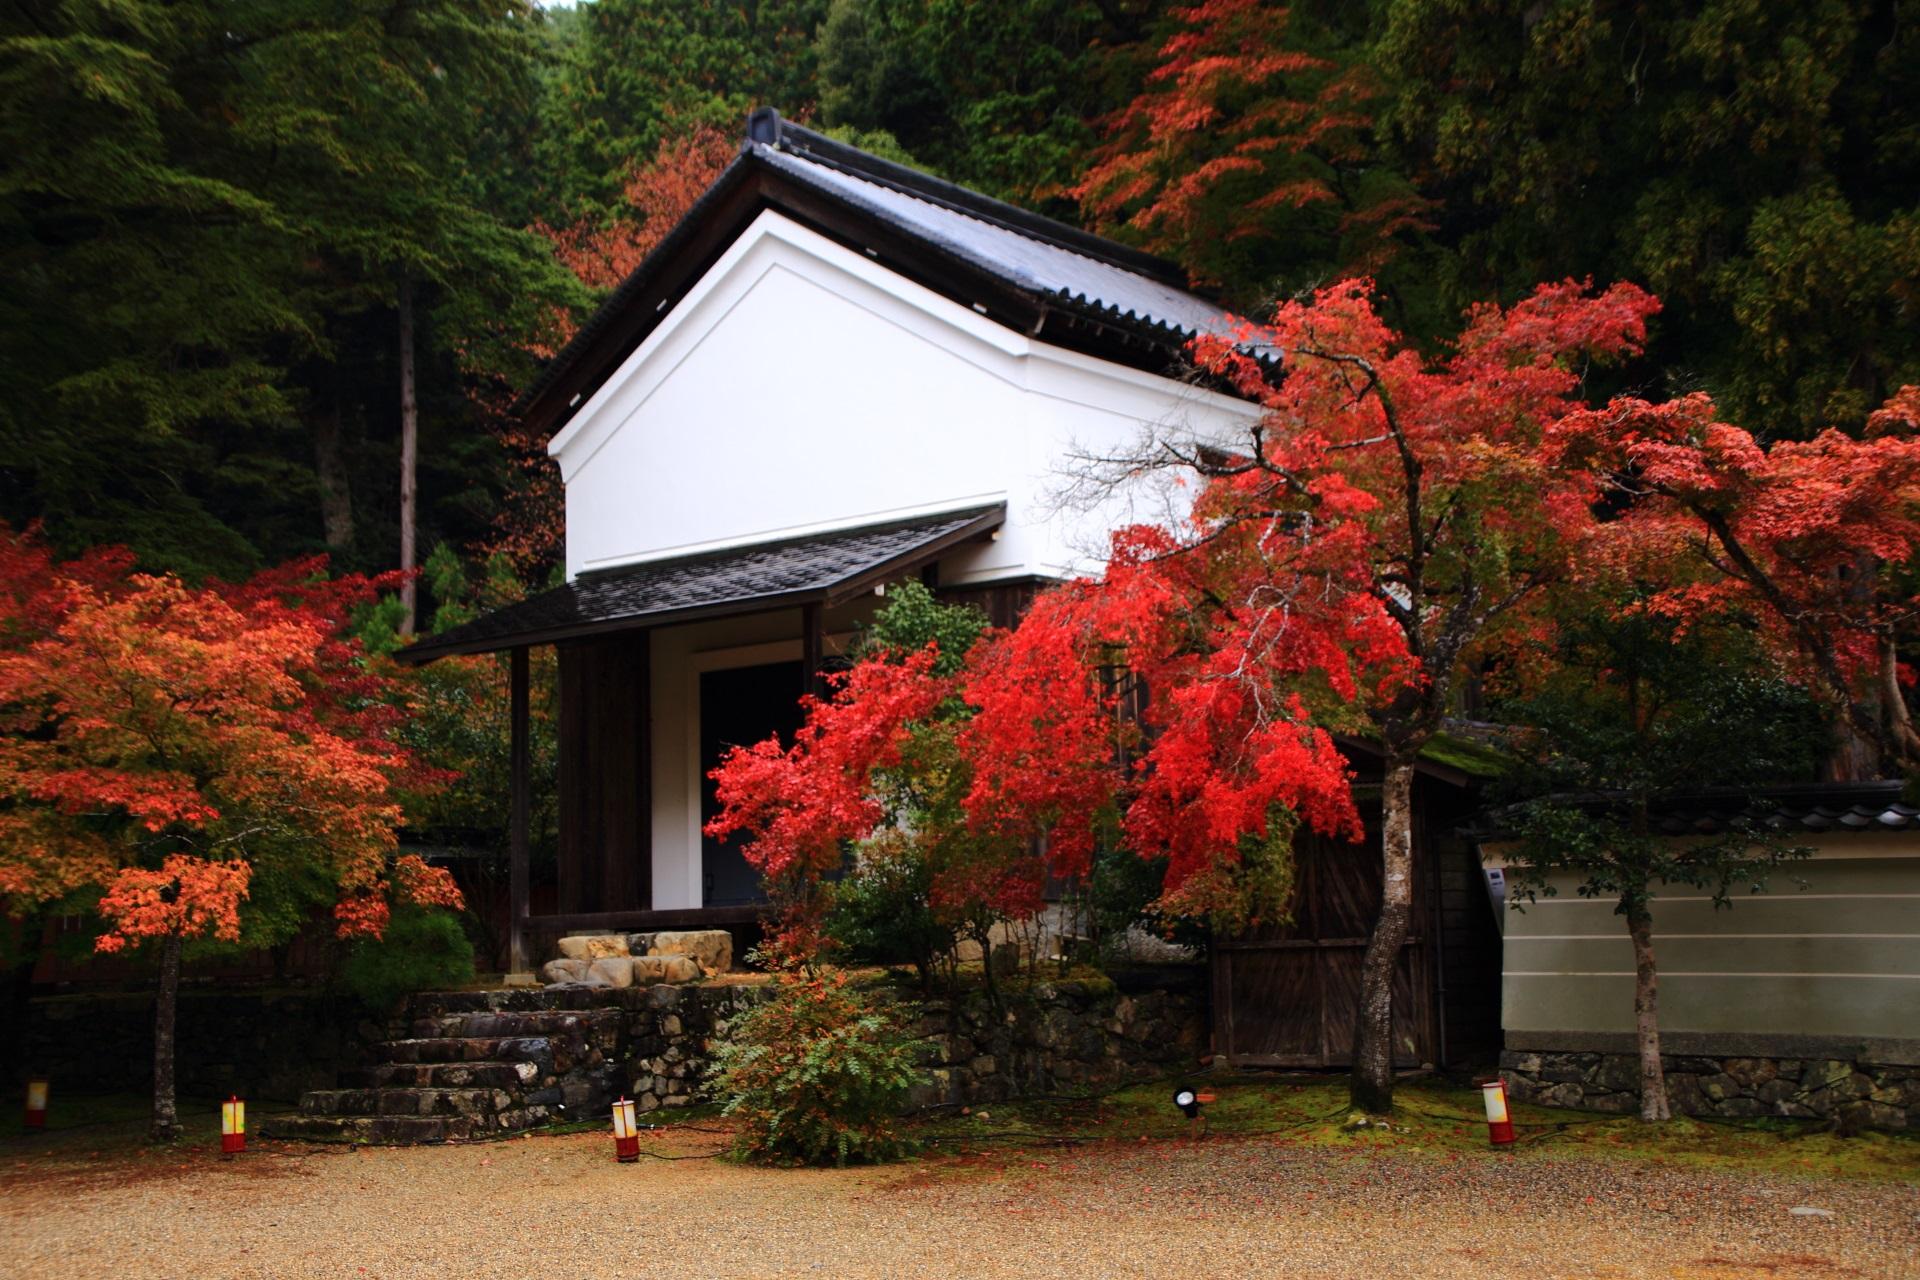 神護寺の宝蔵と白壁に映える赤い紅葉